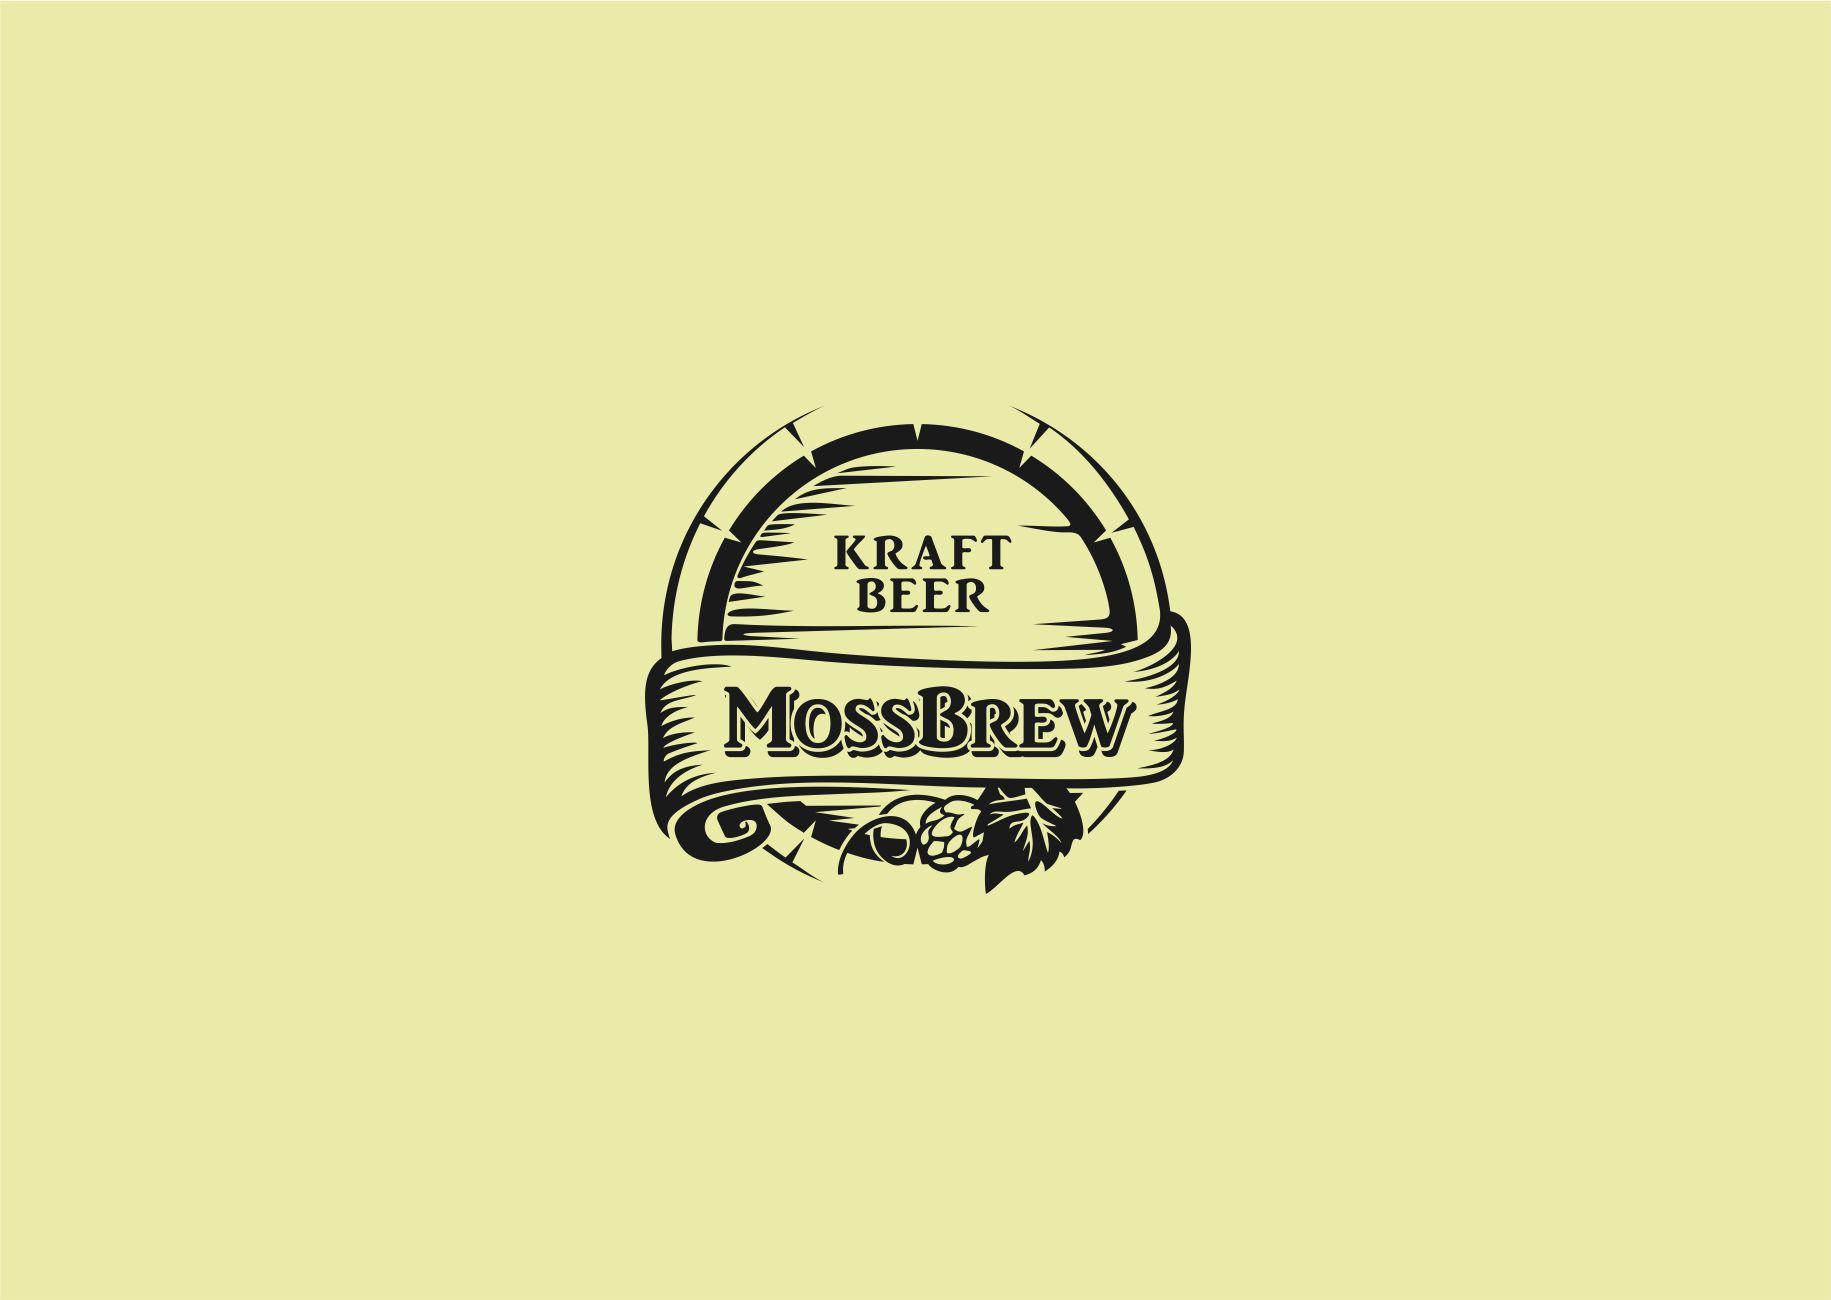 Логотип для пивоварни фото f_05659873edb59454.jpg